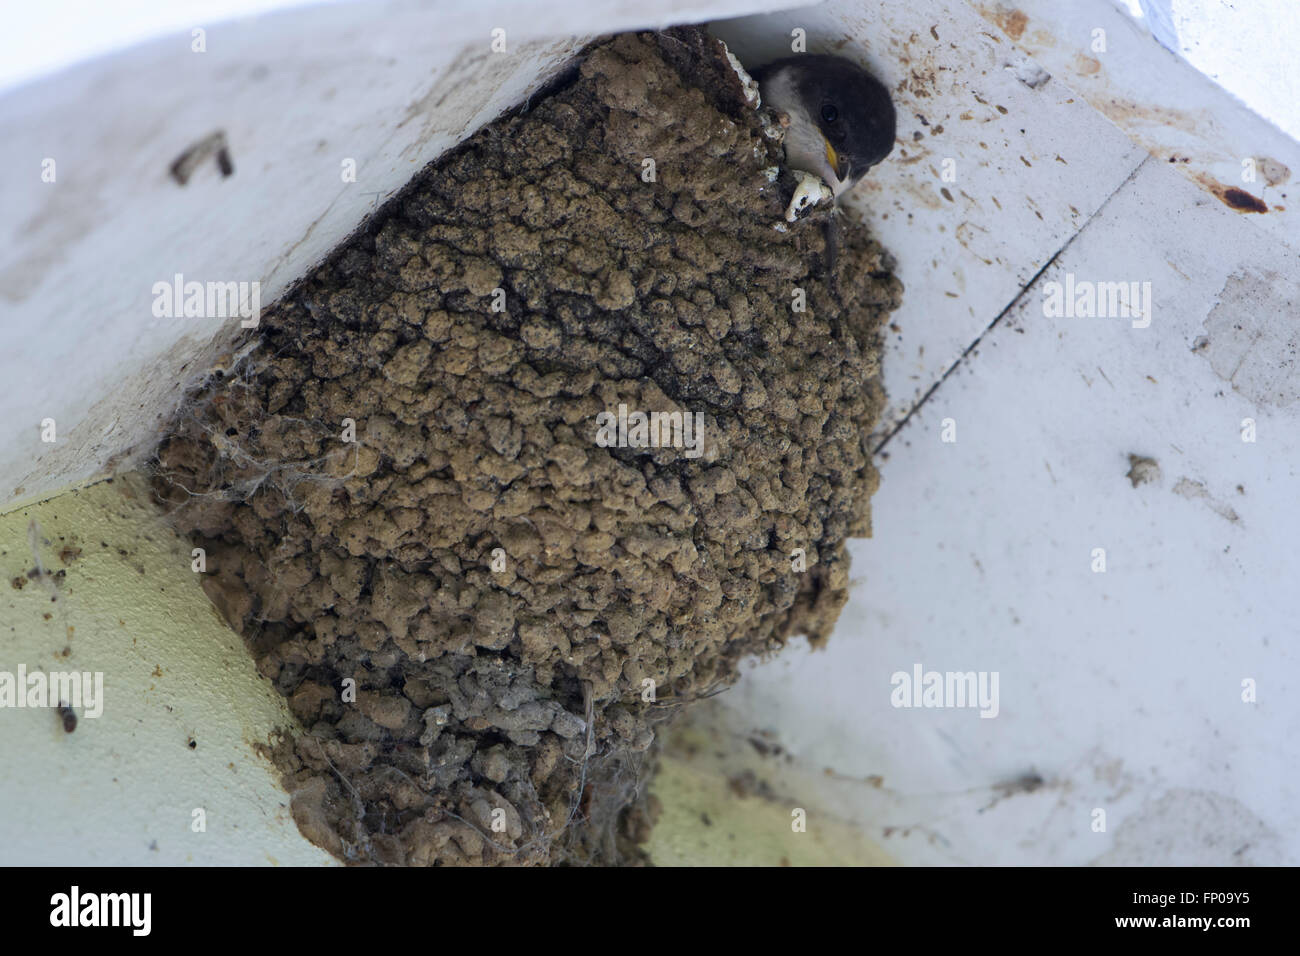 Una casa Martin (Delichon urbicum) visitas el nido bajo el alero de una casa donde un pájaro joven sobresale es cabeza. Foto de stock